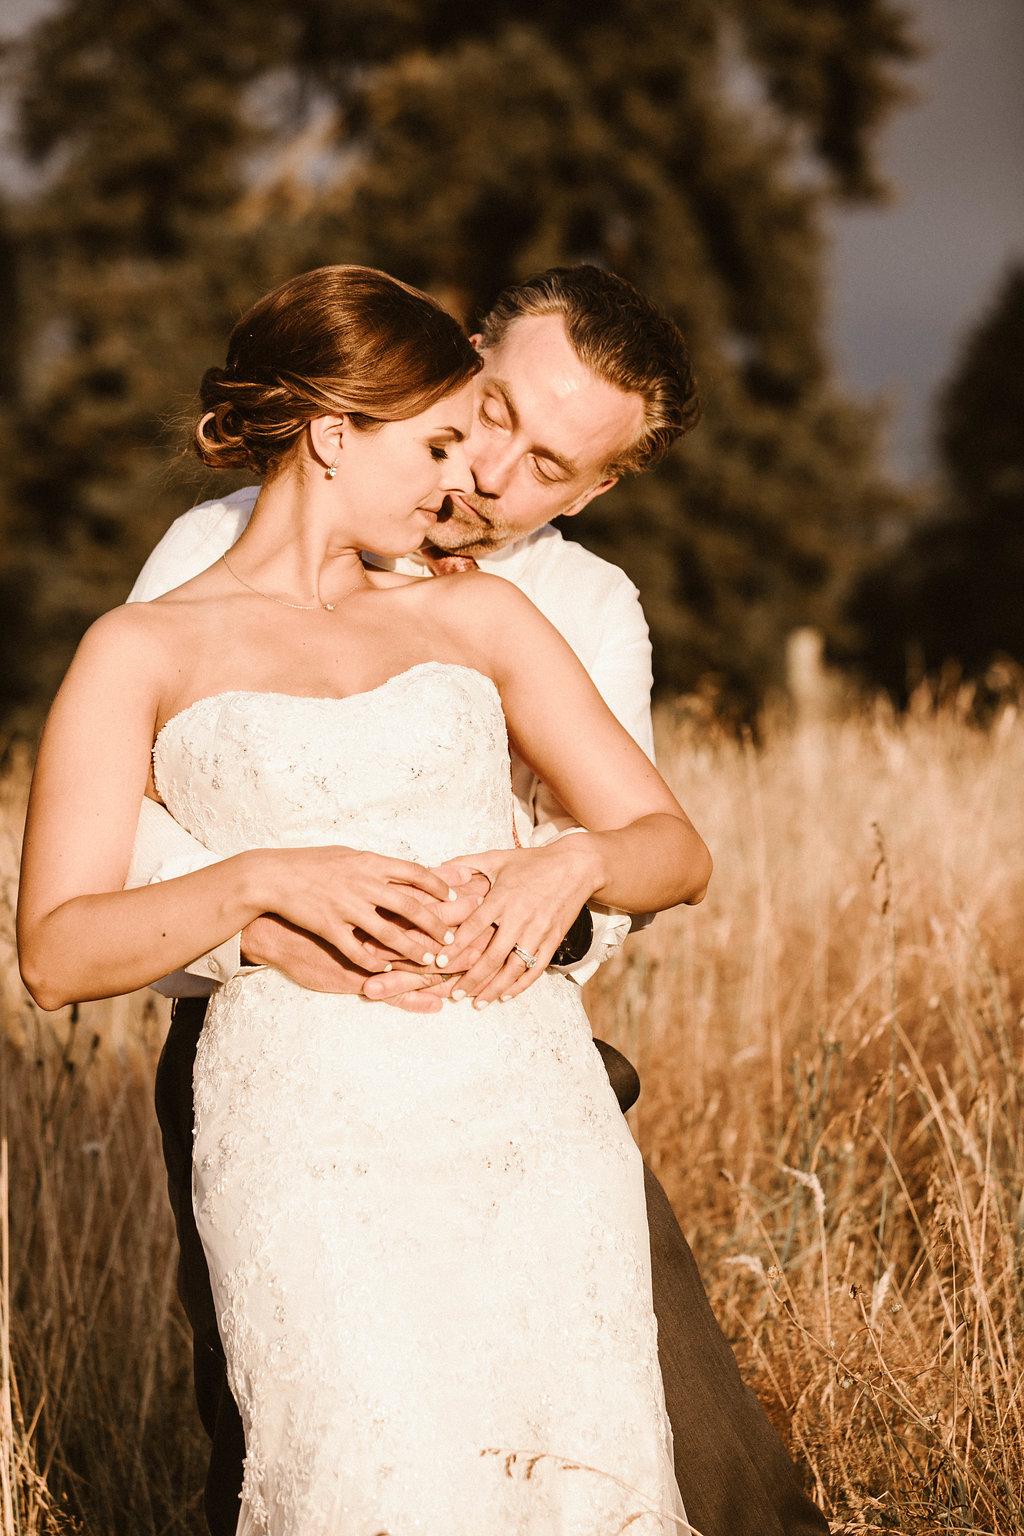 Erin+Tyson_The_Kelley_Farm_Wedding_by_Adina_Preston_Weddings_382.JPG